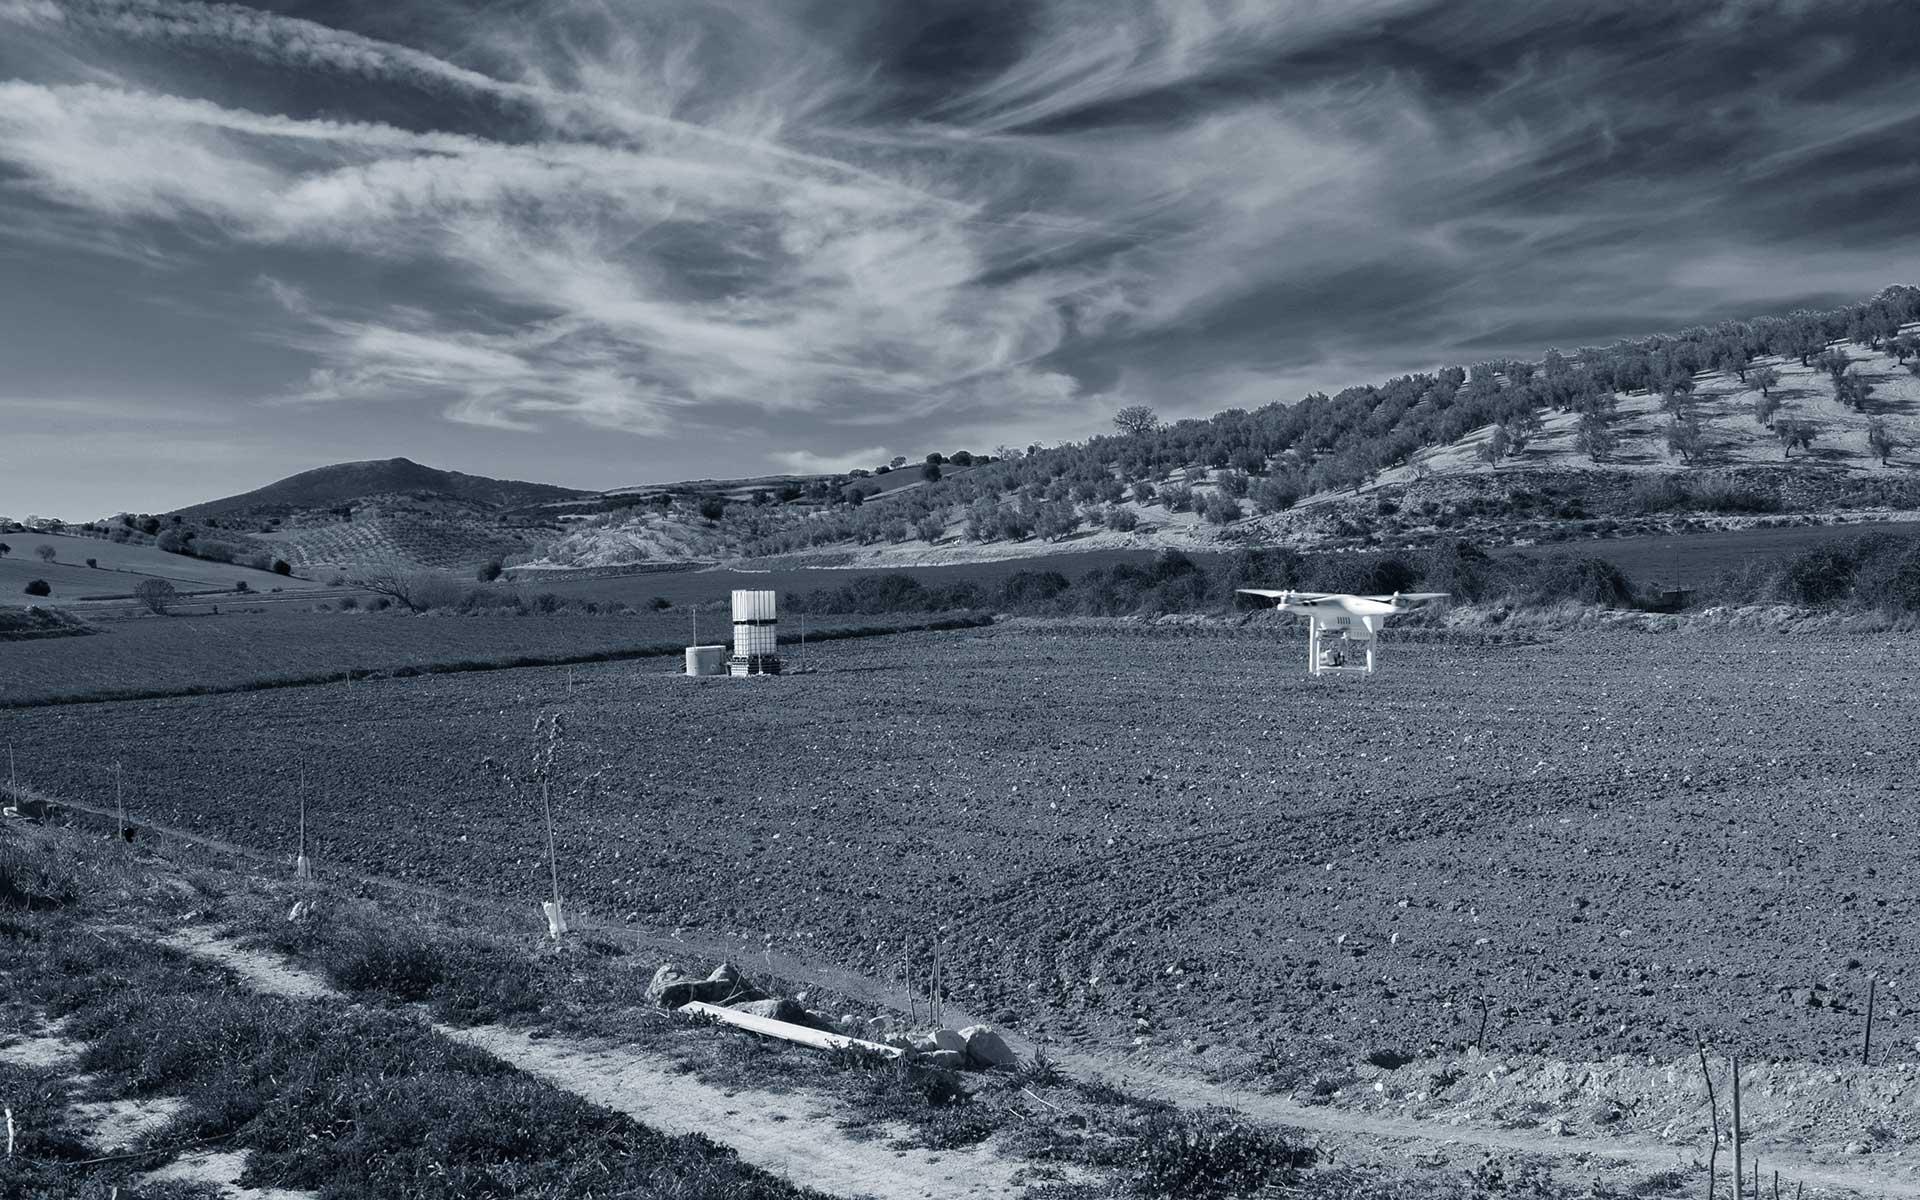 Monitorización de cultivos agrícolas